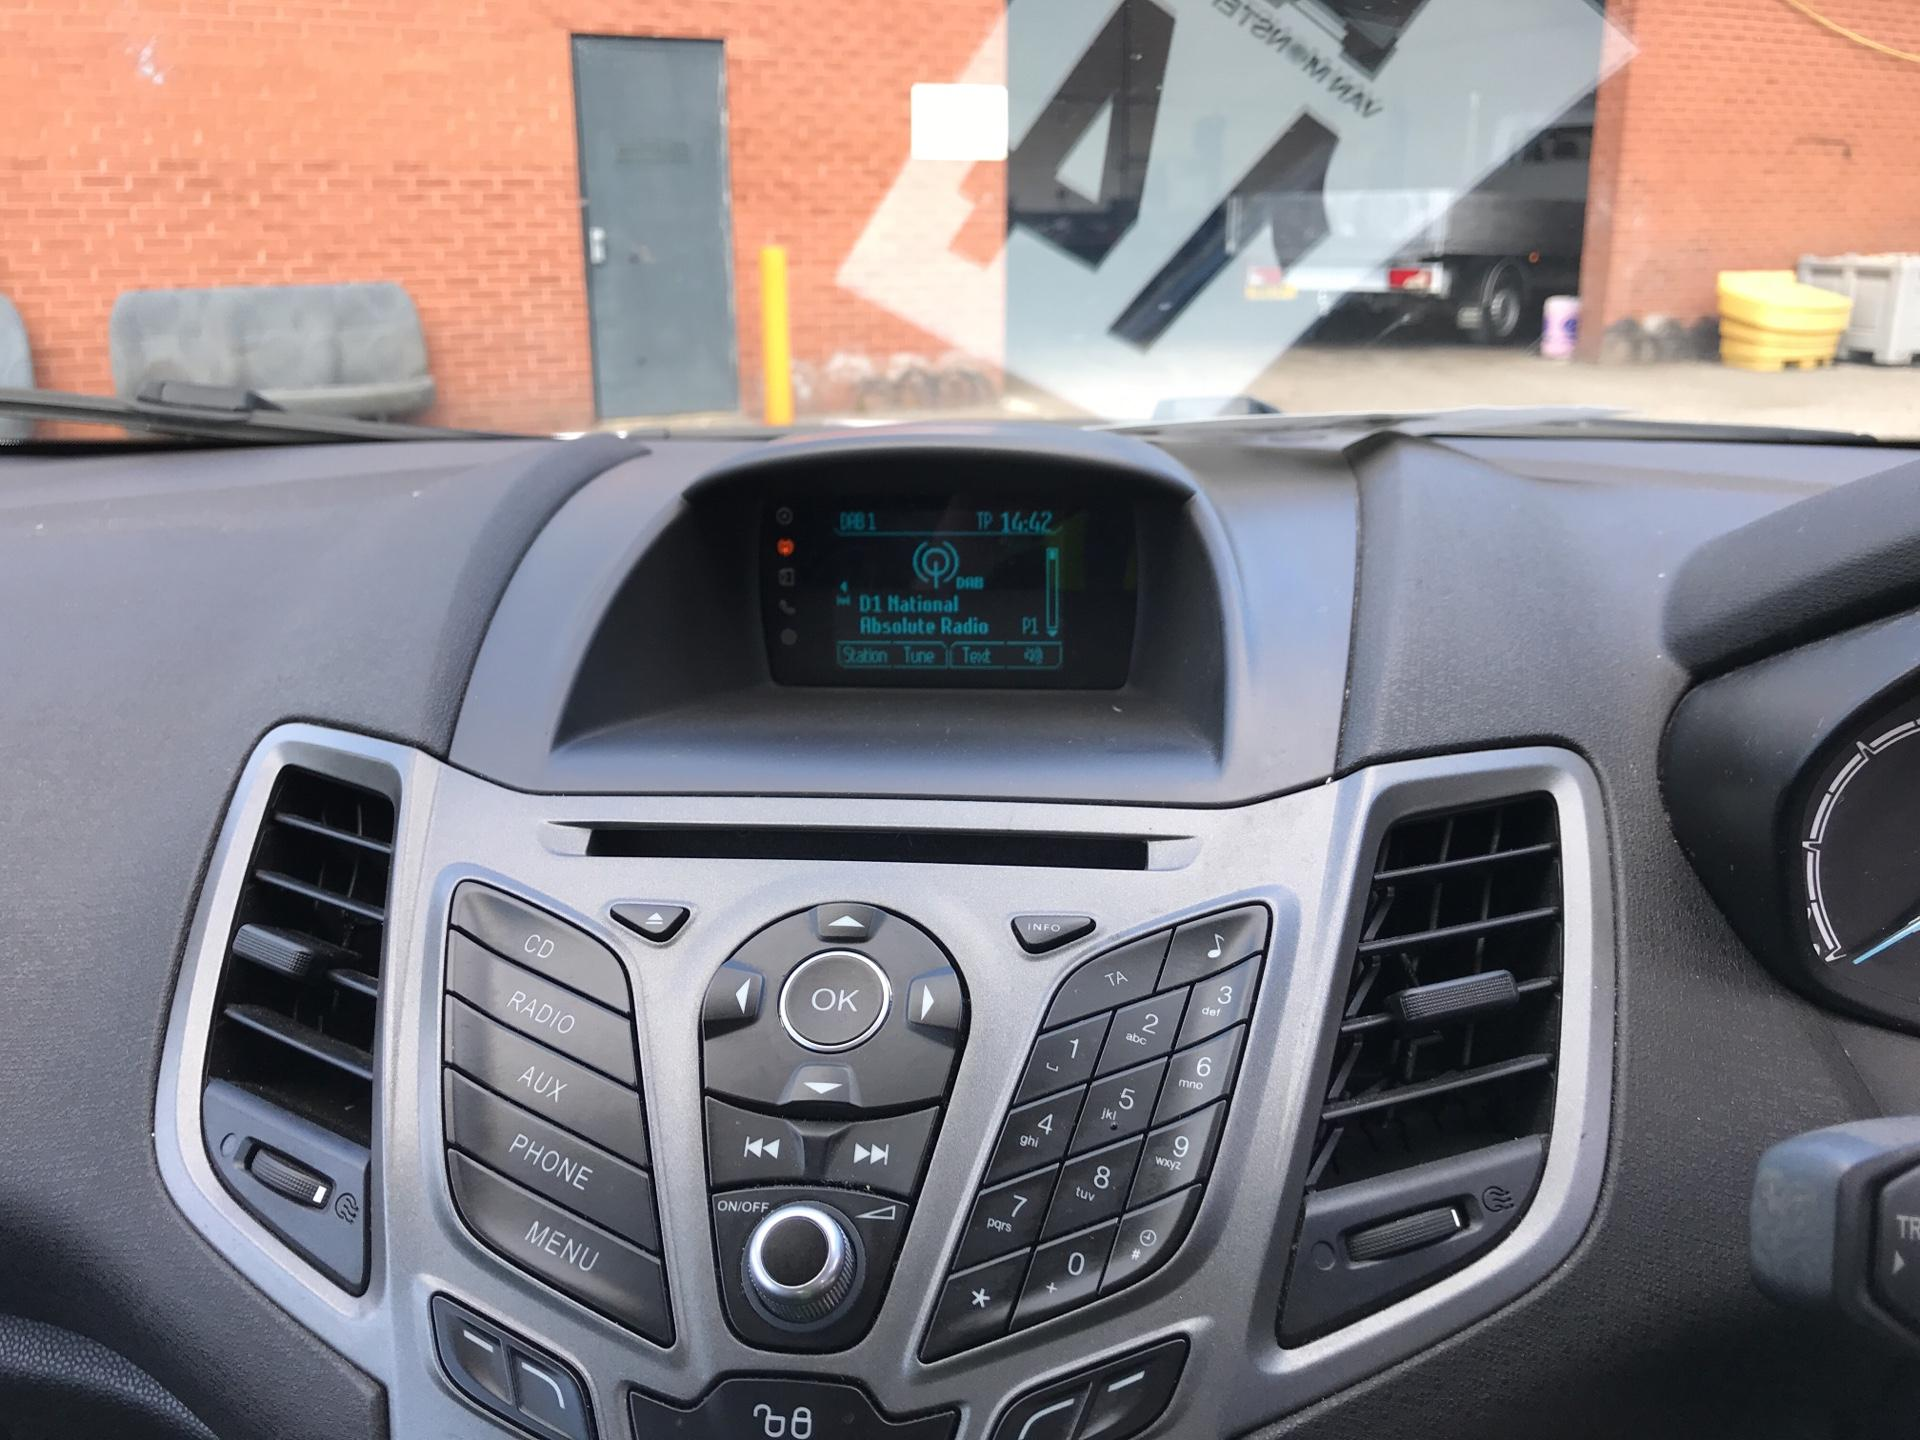 2016 Ford Fiesta 1.5 Tdci Van EURO 5 (FN16UVR) Image 10